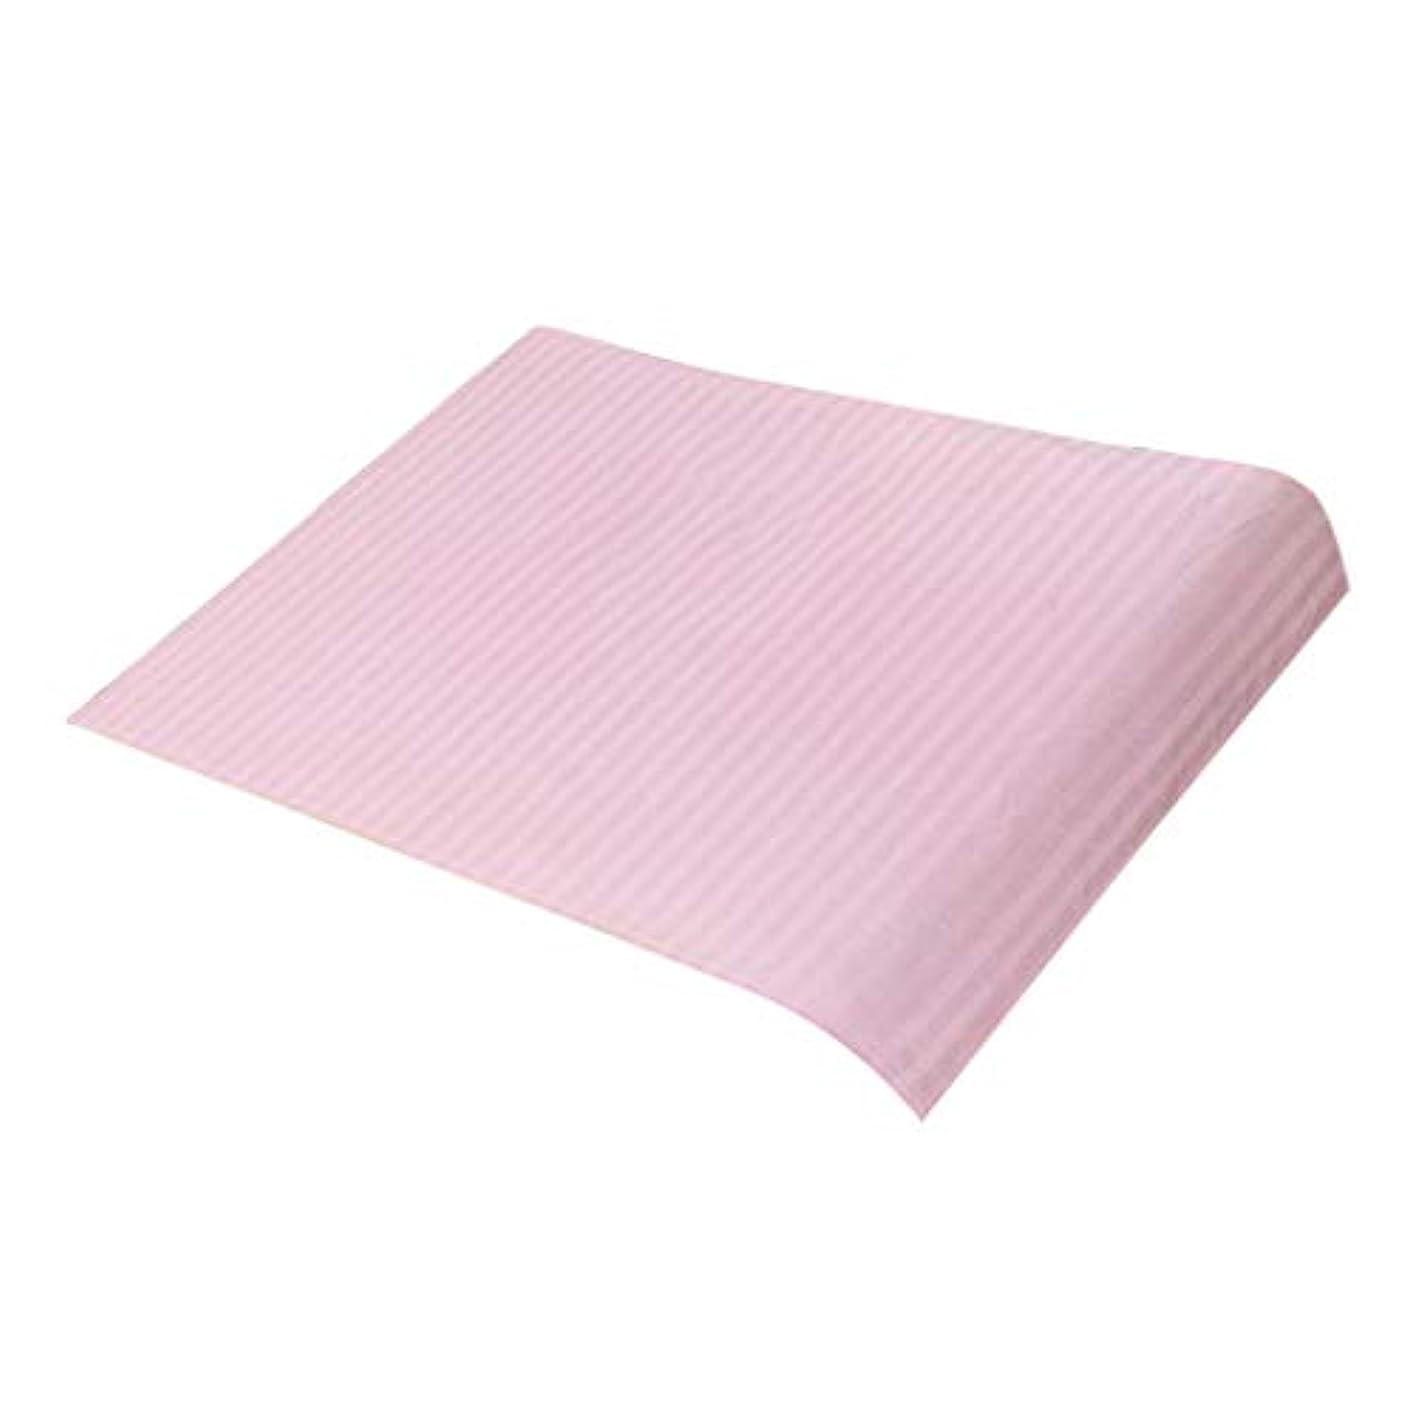 奨学金告白するプロペラマッサージベッドカバー 美容ベッドカバー スパ マッサージテーブルスカート 綿素材 断面デザイン - ピンク